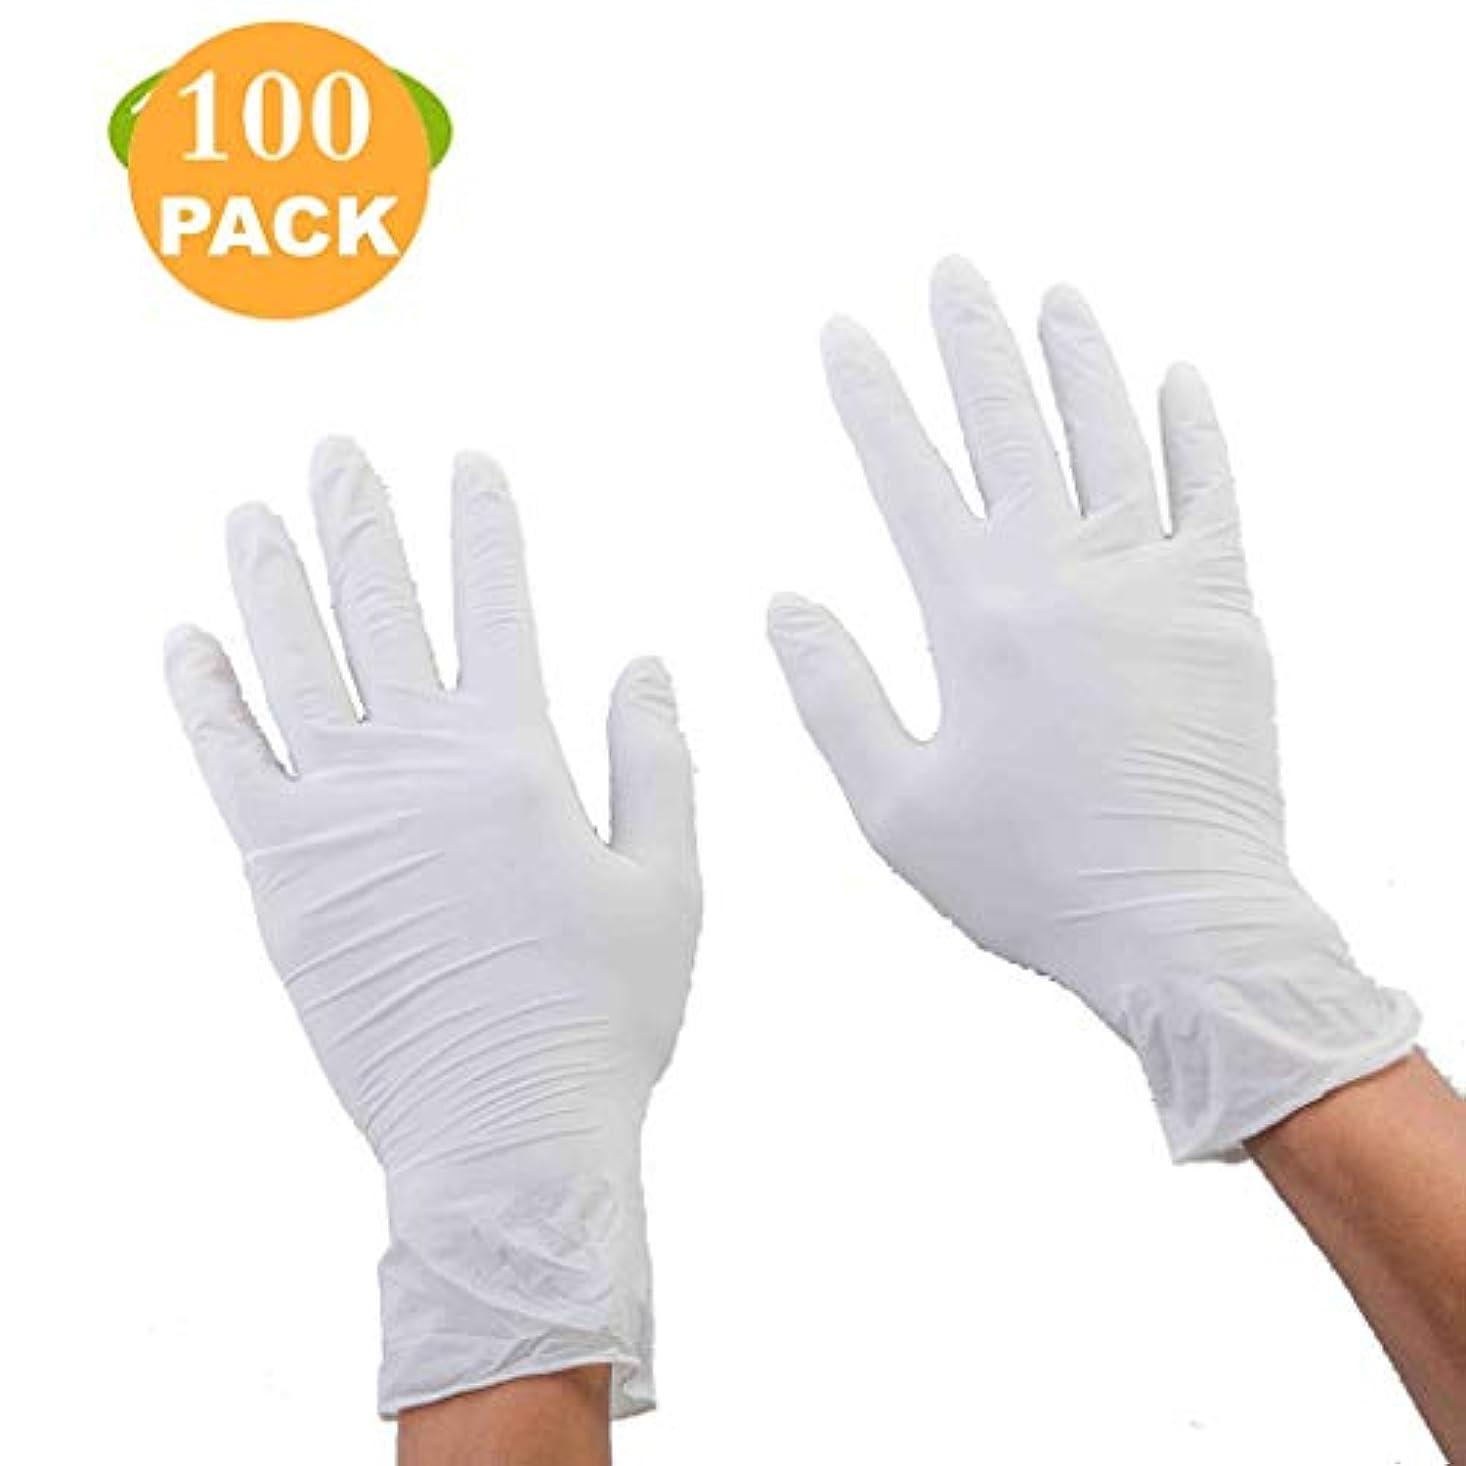 コショウサリースラダムニトリル使い捨て12インチの厚さのゴム食品加工手袋ホワイト耐性-100パーボックス (Color : Blue, Size : M)